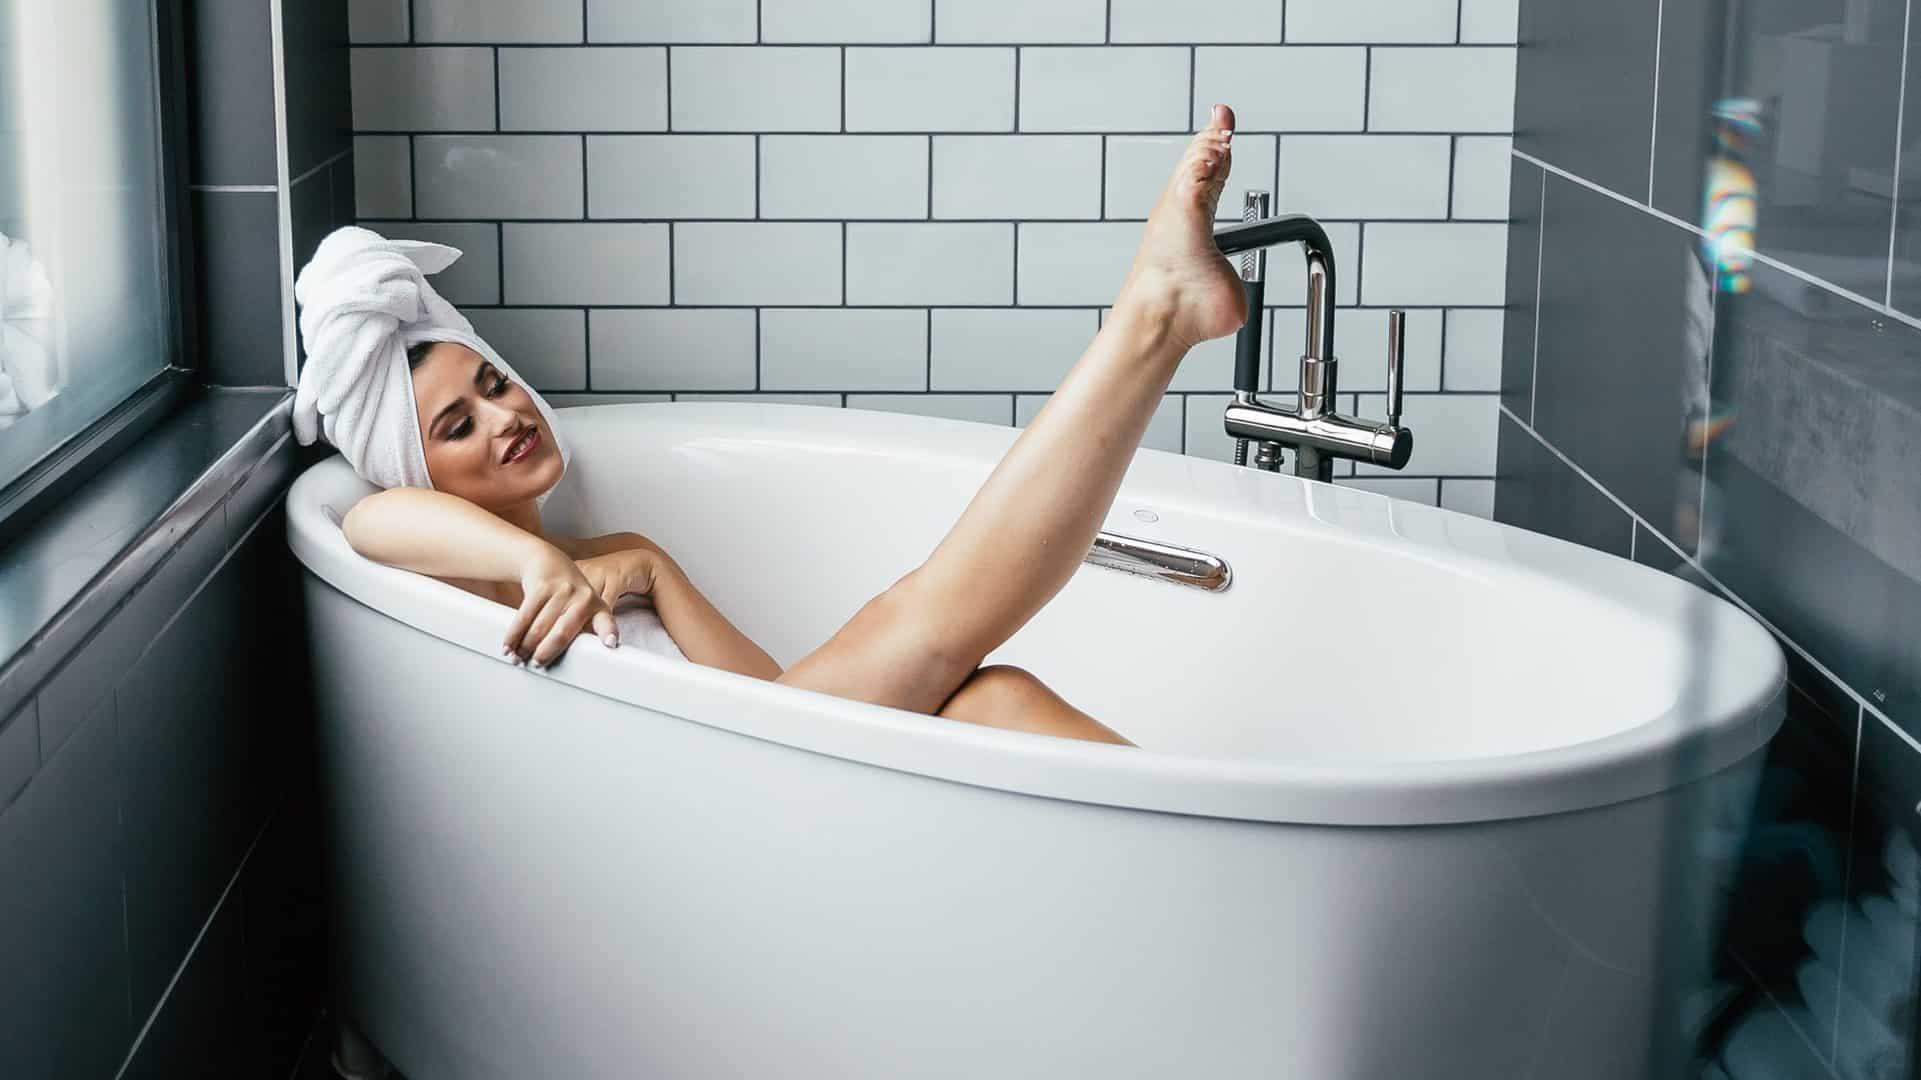 Afbeelding van een vrouw in bad met een handdoek op haar hoofd. Ze strekt een been omhoog.